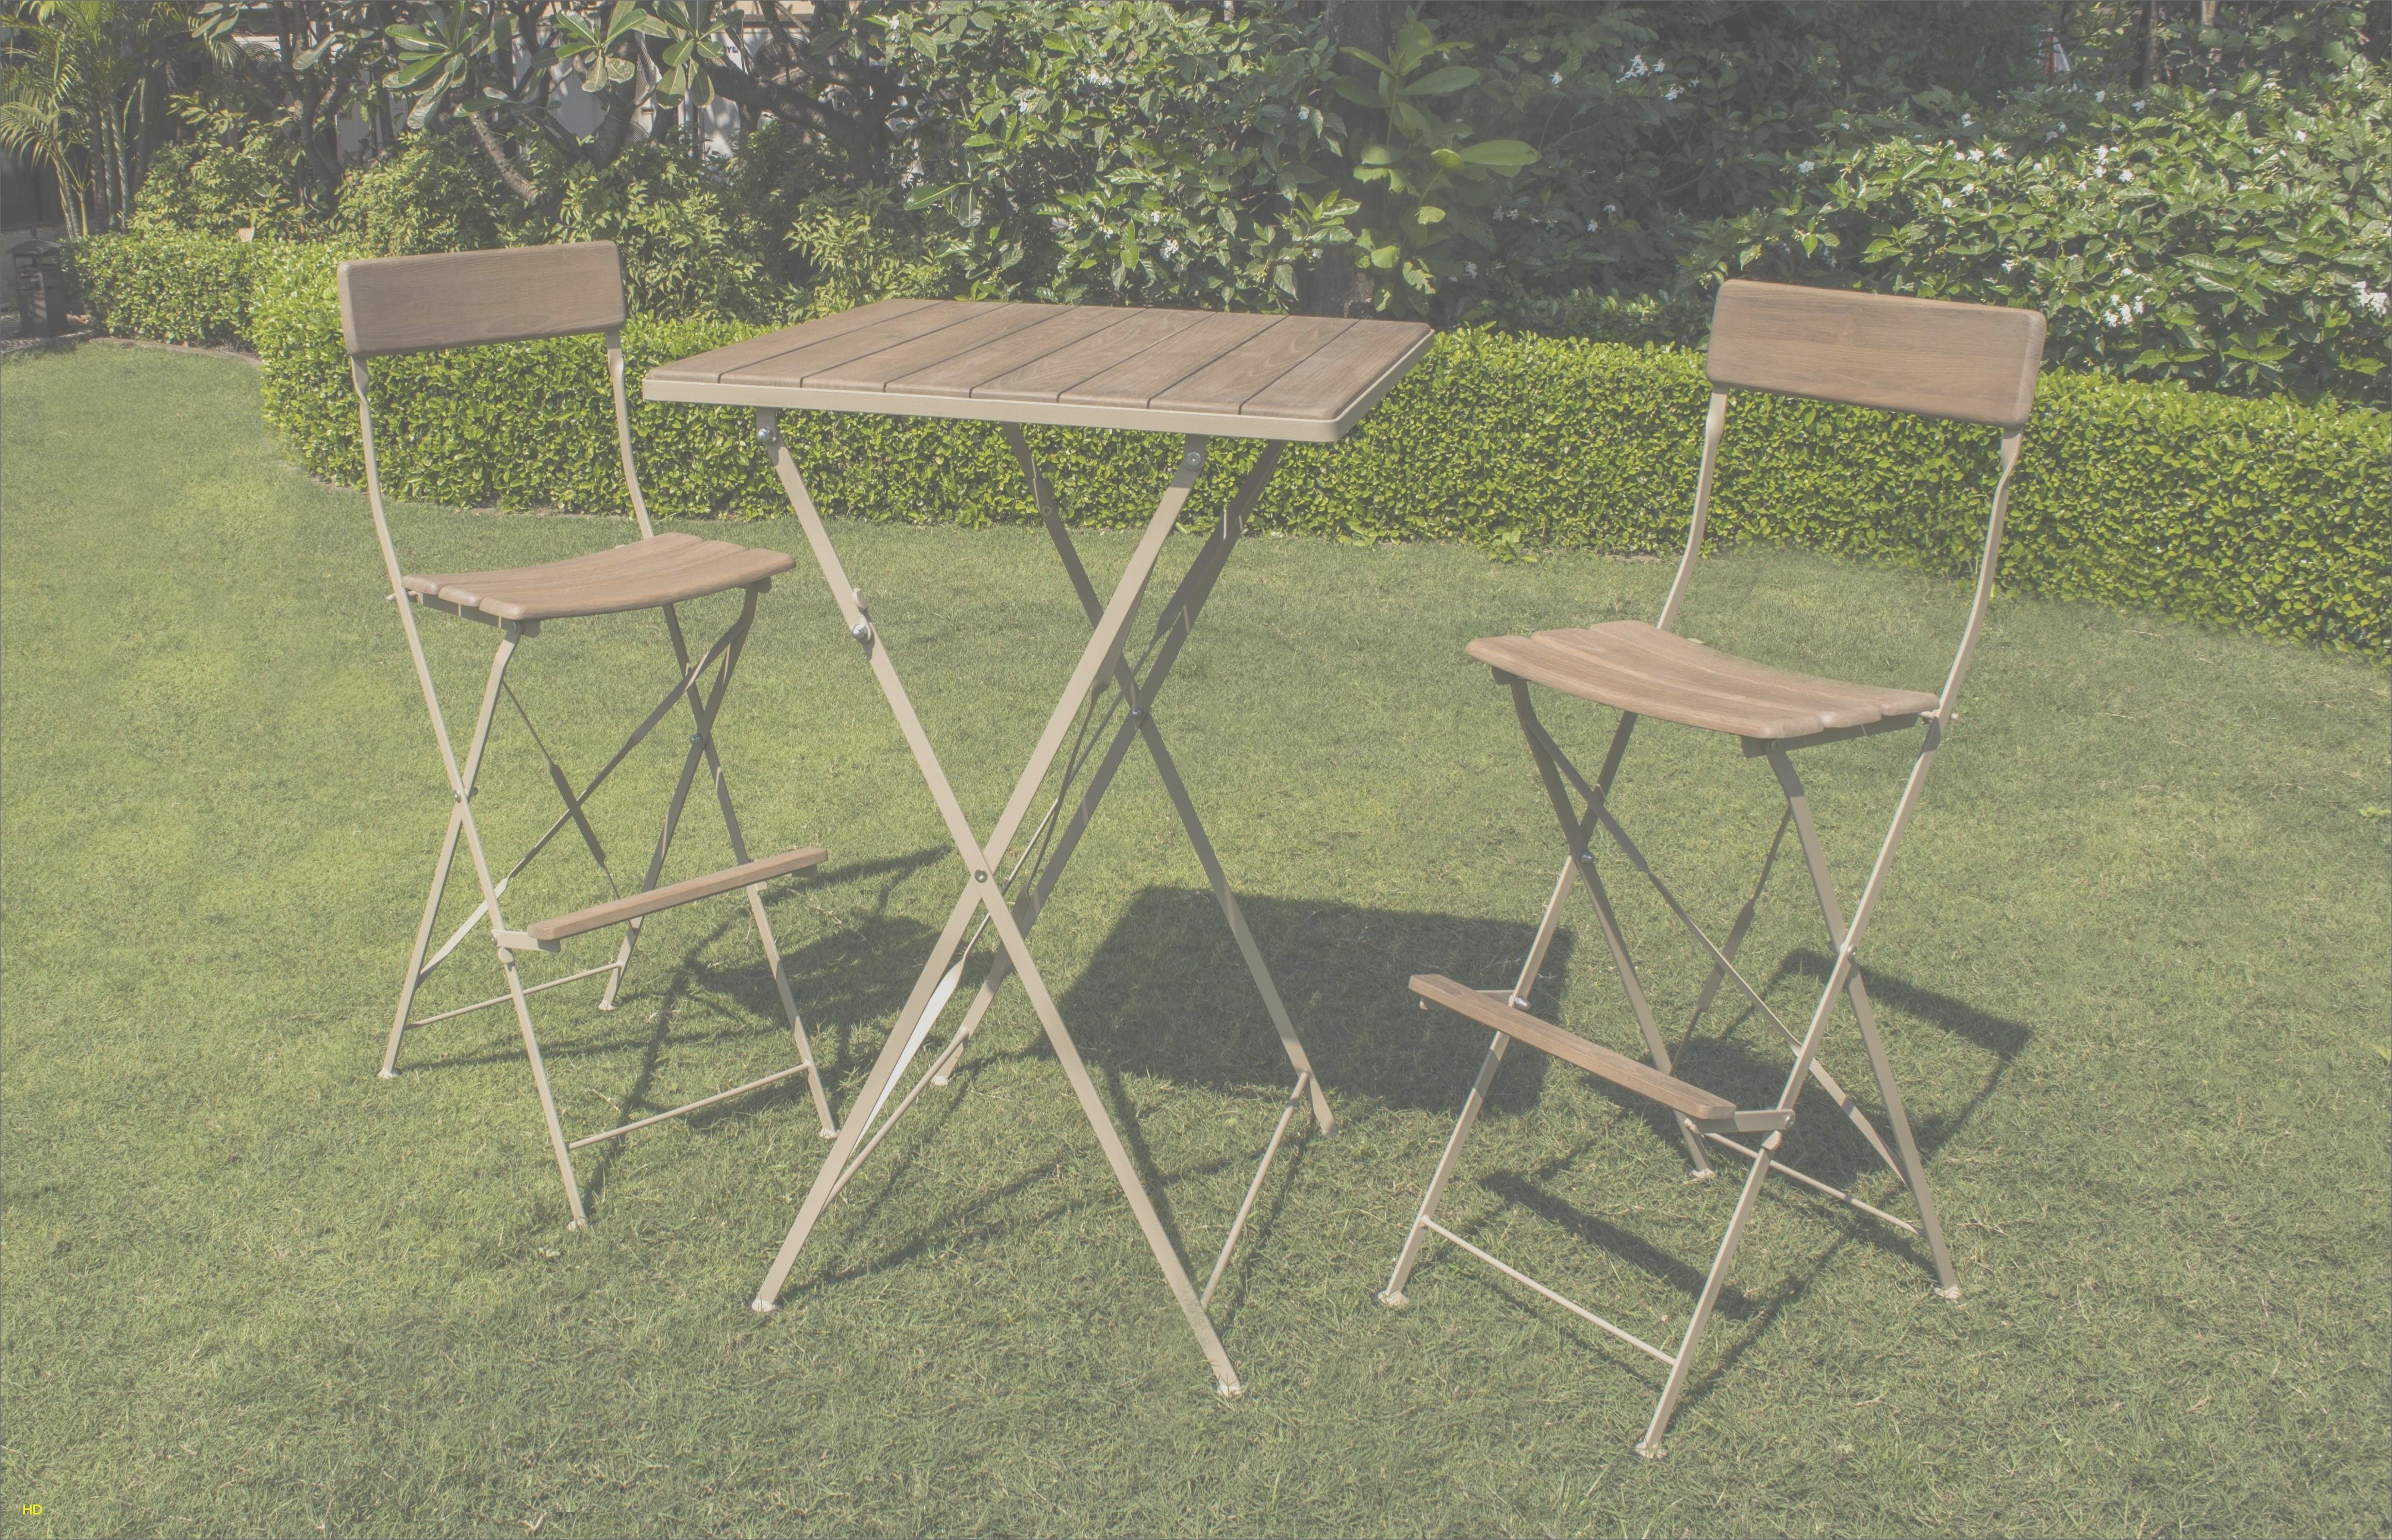 Chaises Jardin Leclerc Beau Photos Table Et Chaises De Jardin Leclerc De Cool Moderne Leclerc Chaise